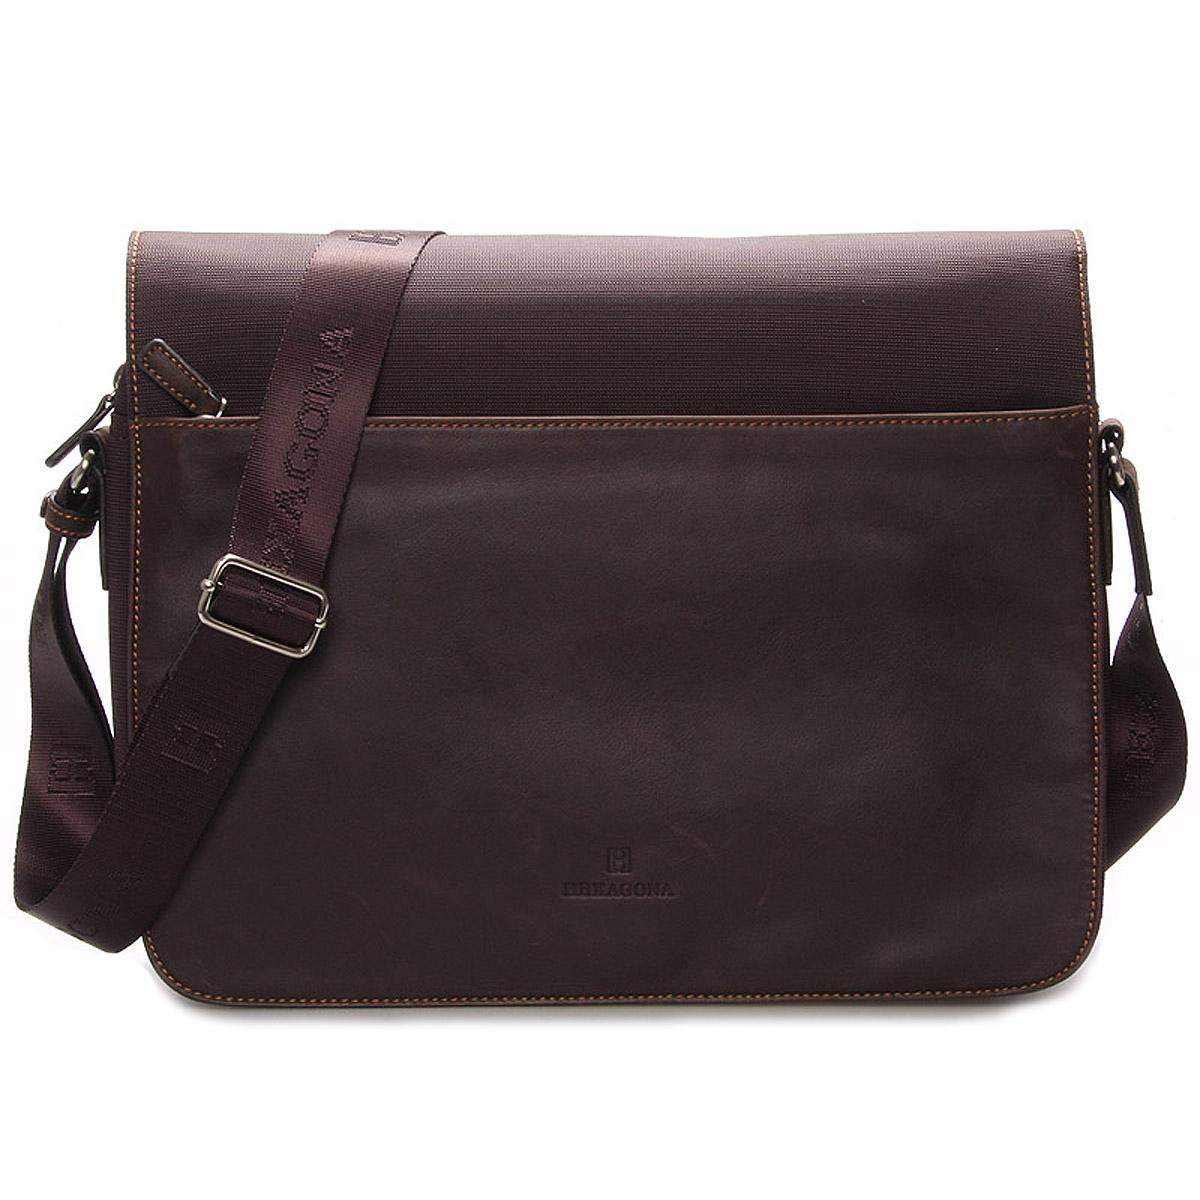 Pánská kožená taška hnědá - Hexagona Tavin